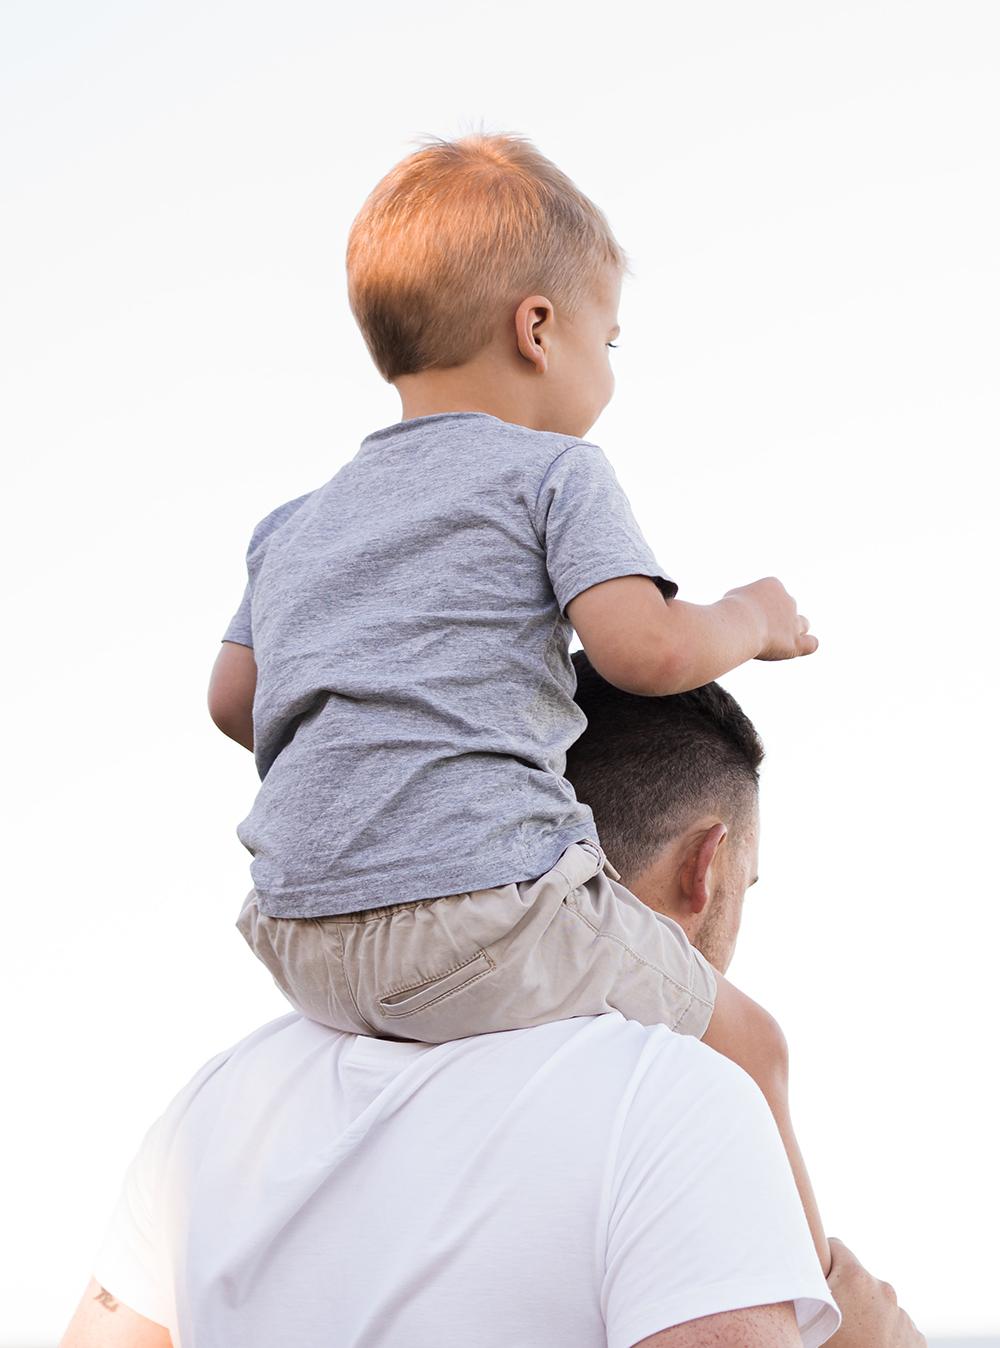 Børnetestamente - også for enlige forældre